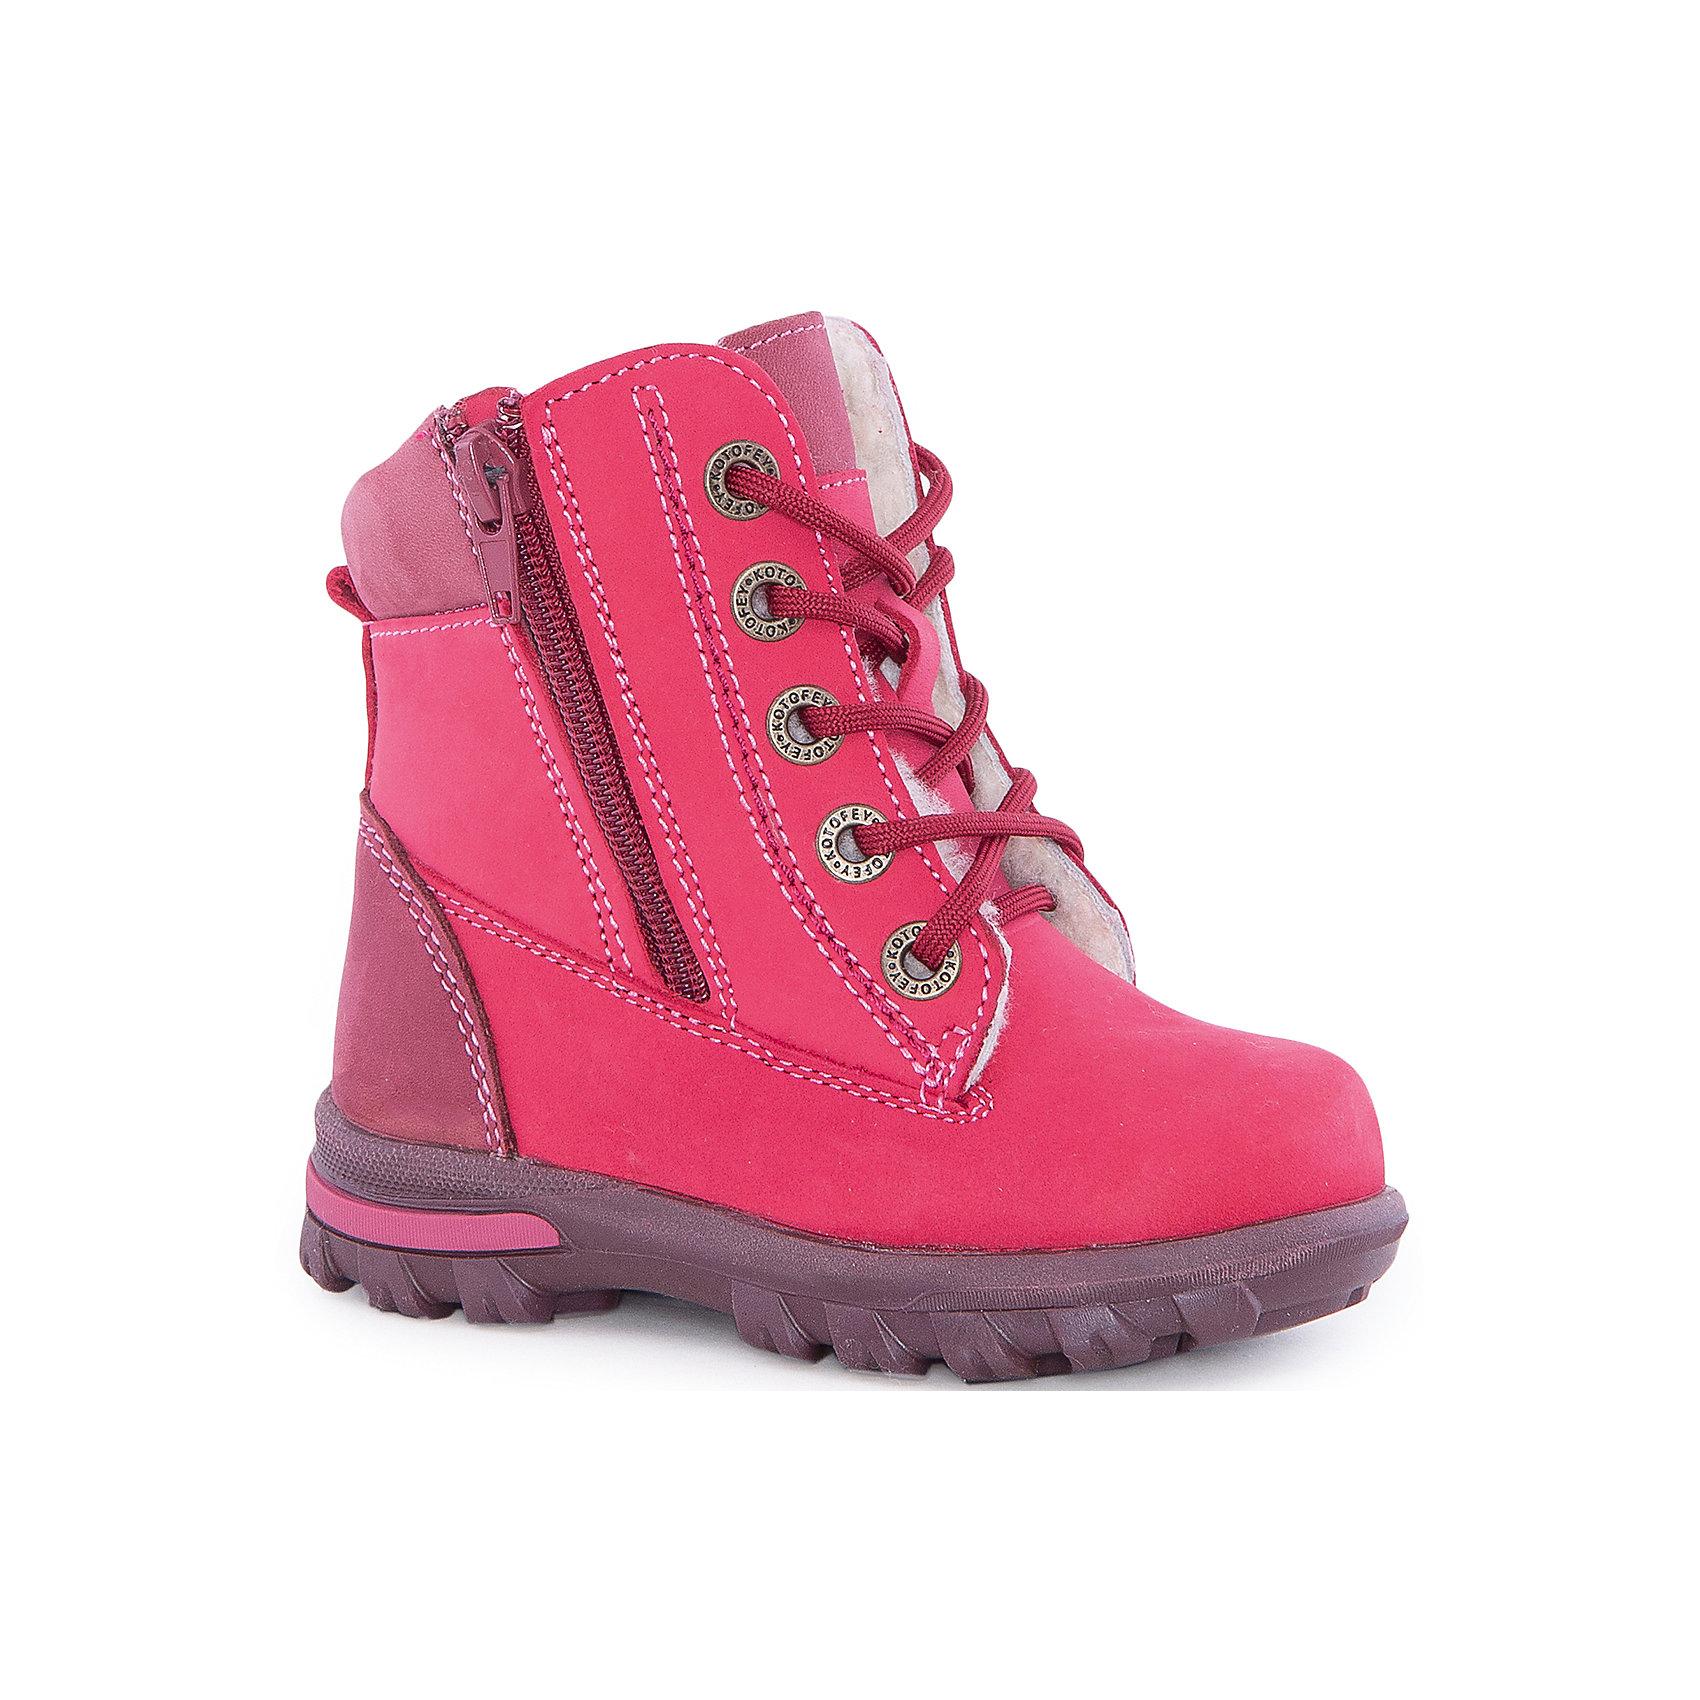 Ботинки  для девочки КотофейБотинки<br>Ботинки  для девочки Котофей.<br><br>Характеристики:<br><br>- Внешний материал: натуральная кожа<br>- Внутренний материал: натуральный мех (овчина)<br>- Стелька: овчина<br>- Подошва: ТЭП<br>- Тип застежки: 2 молнии, шнуровка<br>- Вид крепления обуви: клеевой<br>- Температурный режим до -25С<br>- Цвет: фуксия<br>- Сезон: зима<br>- Пол: для девочек<br><br>Зимние ботинки нежного цвета фуксия торговой марки Котофей обеспечат вашей девочке максимальный комфорт. Материал верха роскошный натуральный нубук по своей структуре похожий на замшу. Материал подкладки натуральный мех (овчина), создаст комфорт при носке за счёт формования внутреннего пространства под индивидуальные особенности каждой ножки. Гибкая, широкая, клеевая подошва с рельефным протектором обеспечит превосходное сцепление с поверхностью. Она выполнена из термоэластопласта (ТЭП) – пластичного материала, отлично амортизирующего при шаге и не теряющего своих свойств при понижении температур. На ноге модель фиксируется с помощью молний, при этом «полноту» можно отрегулировать с помощью шнурков. Ботинки легкие, удобные, средней высоты. Детская обувь «Котофей» качественна, красива, добротна, комфортна и долговечна. Она производится на Егорьевской обувной фабрике. Жесткий контроль производства и постоянное совершенствование технологий при многолетнем опыте позволяют считать компанию одним из лидеров среди отечественных производителей детской обуви.<br><br>Ботинки  для девочки Котофей можно купить в нашем интернет-магазине.<br><br>Ширина мм: 262<br>Глубина мм: 176<br>Высота мм: 97<br>Вес г: 427<br>Цвет: розовый<br>Возраст от месяцев: 21<br>Возраст до месяцев: 24<br>Пол: Женский<br>Возраст: Детский<br>Размер: 24,21,22,23<br>SKU: 5086625